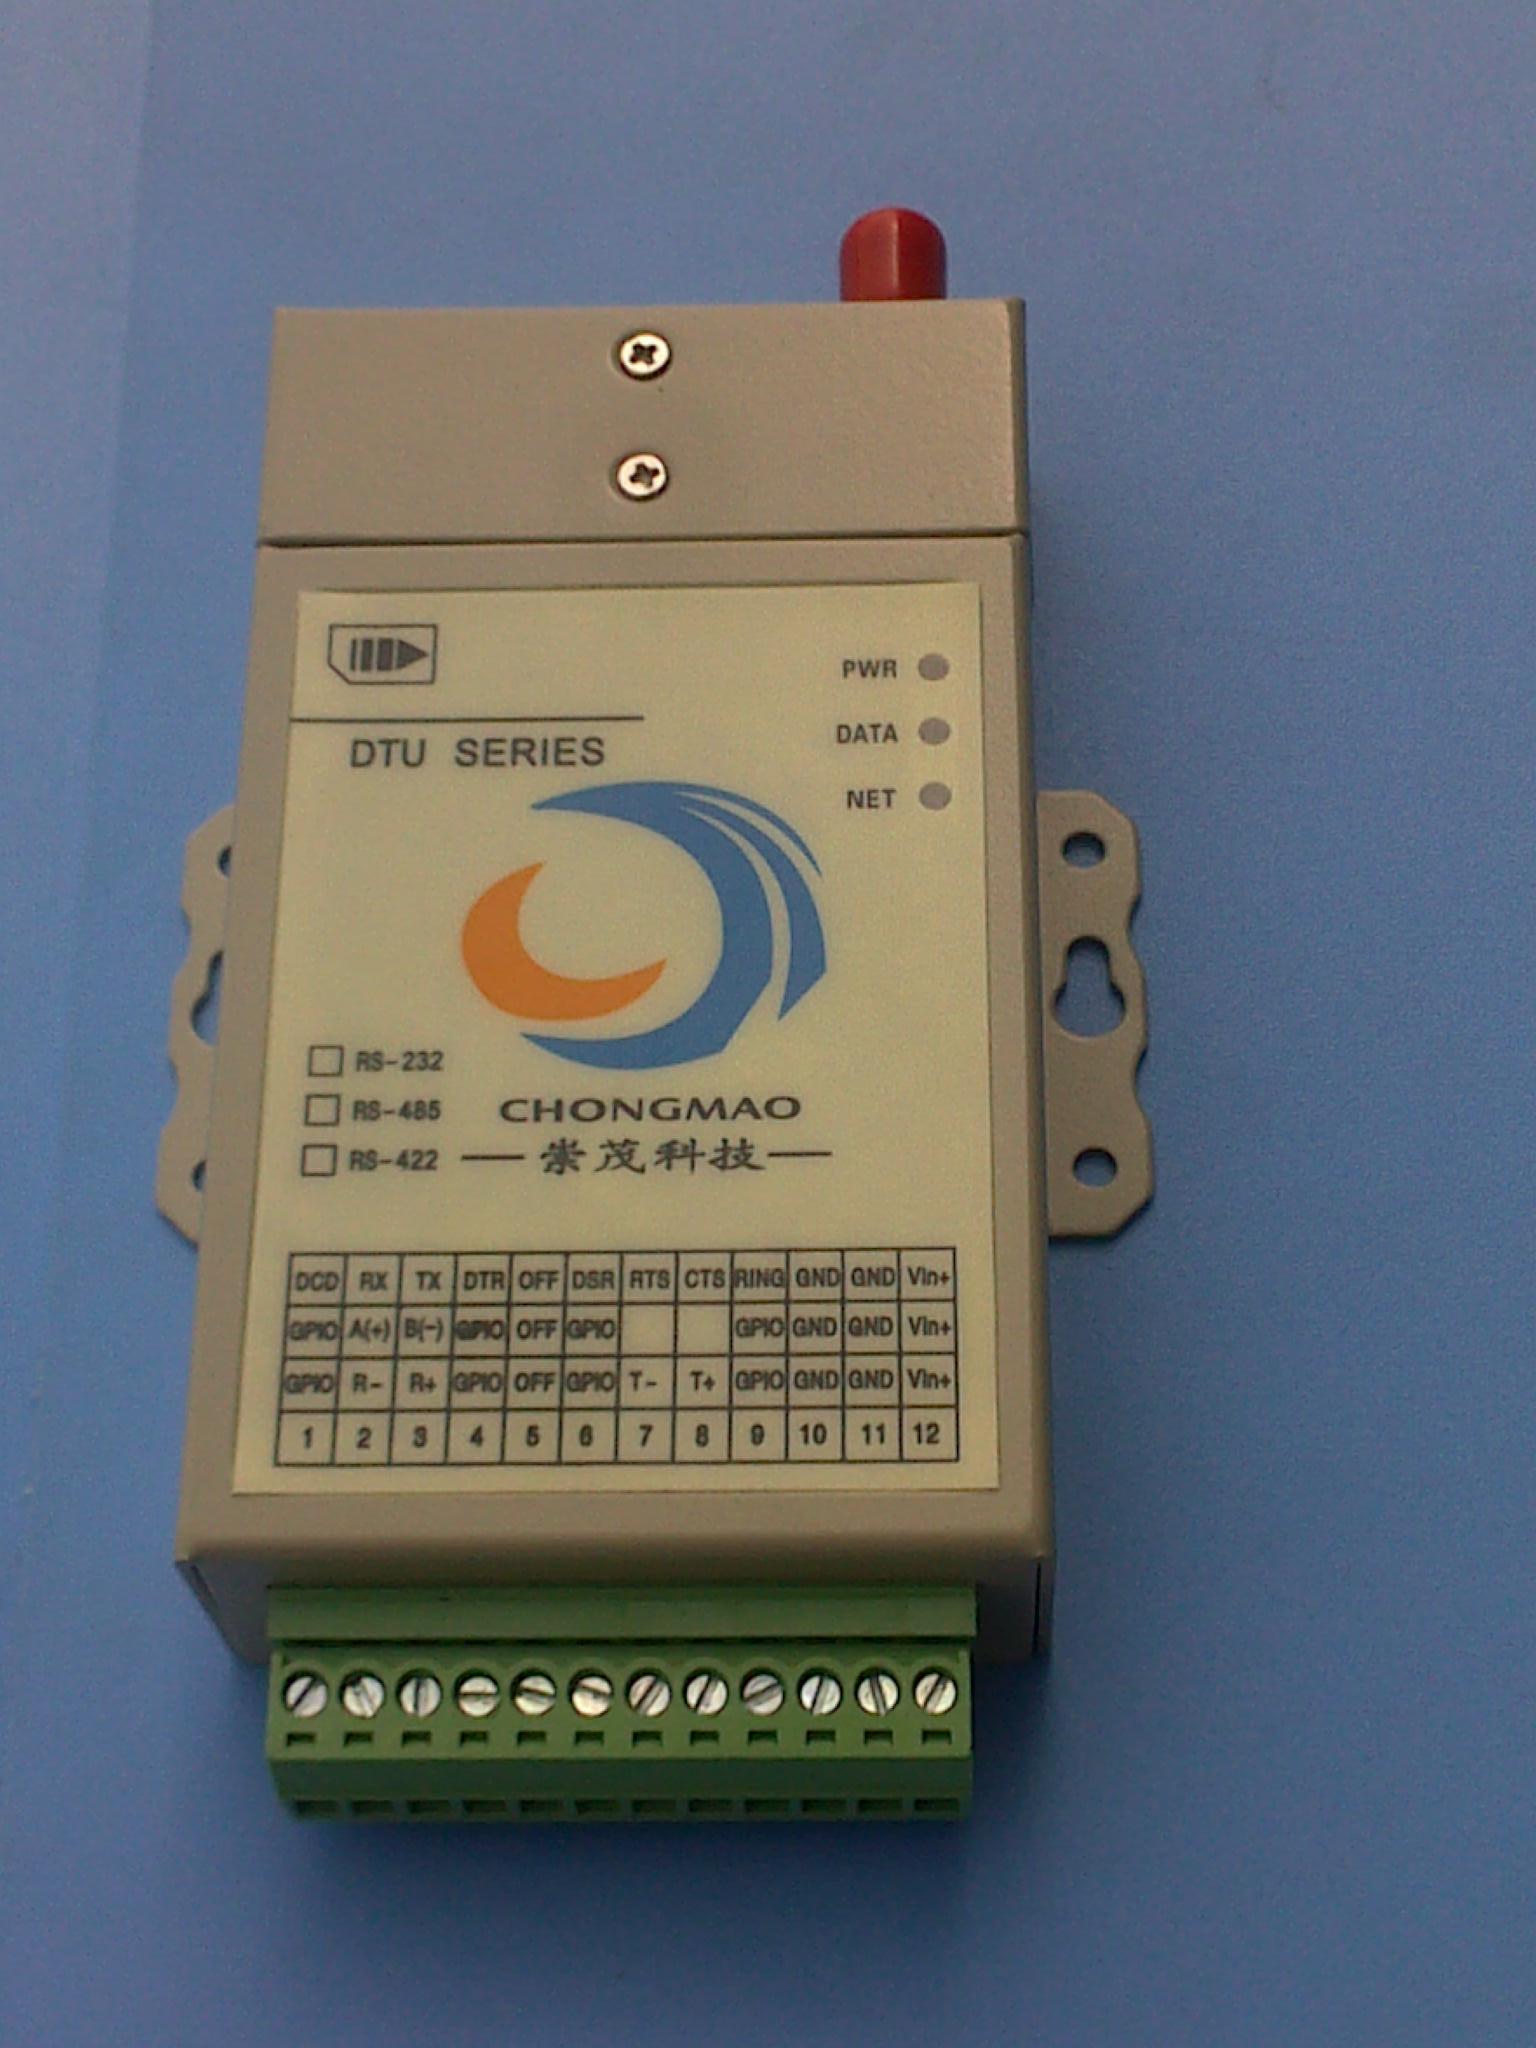 贝斯特全球最奢华娱乐_M3000 GPRS 无线数据传输终端